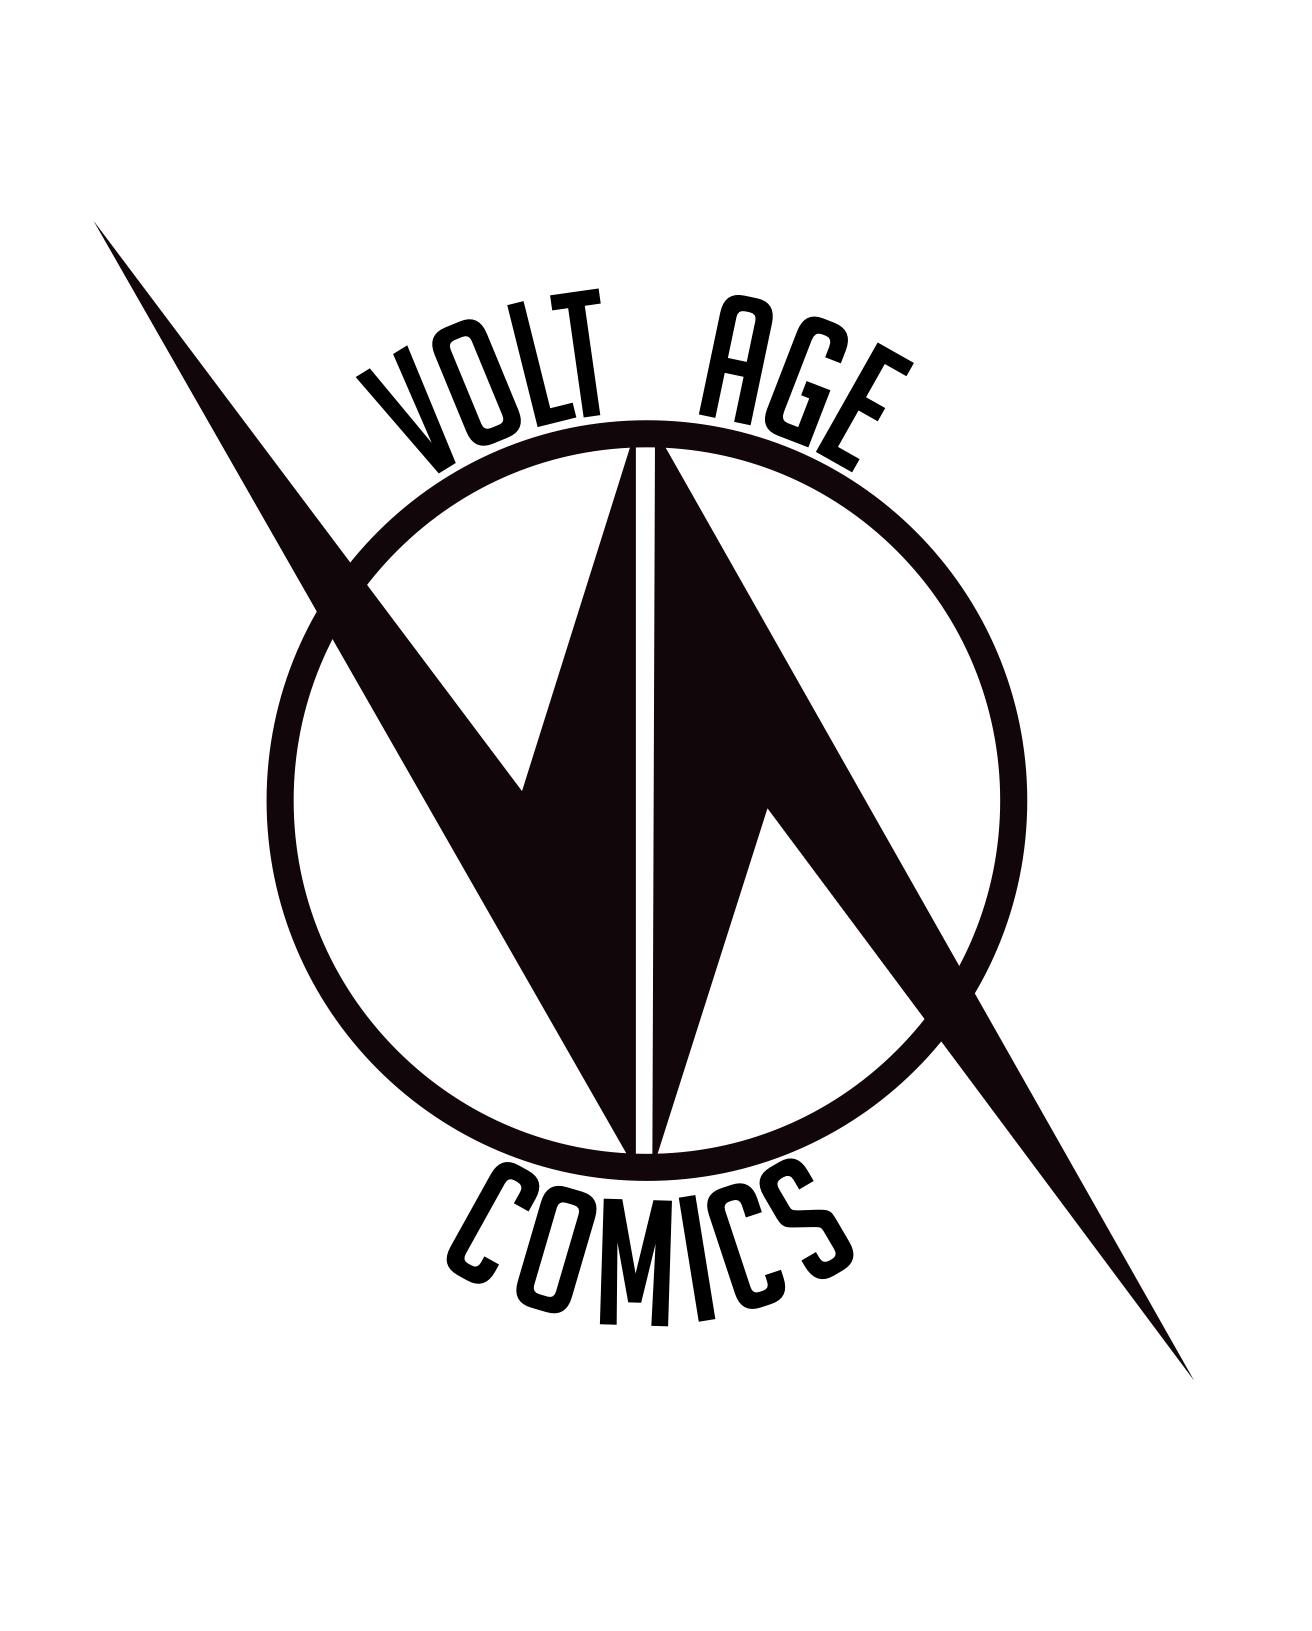 VOLT AGE COMICS